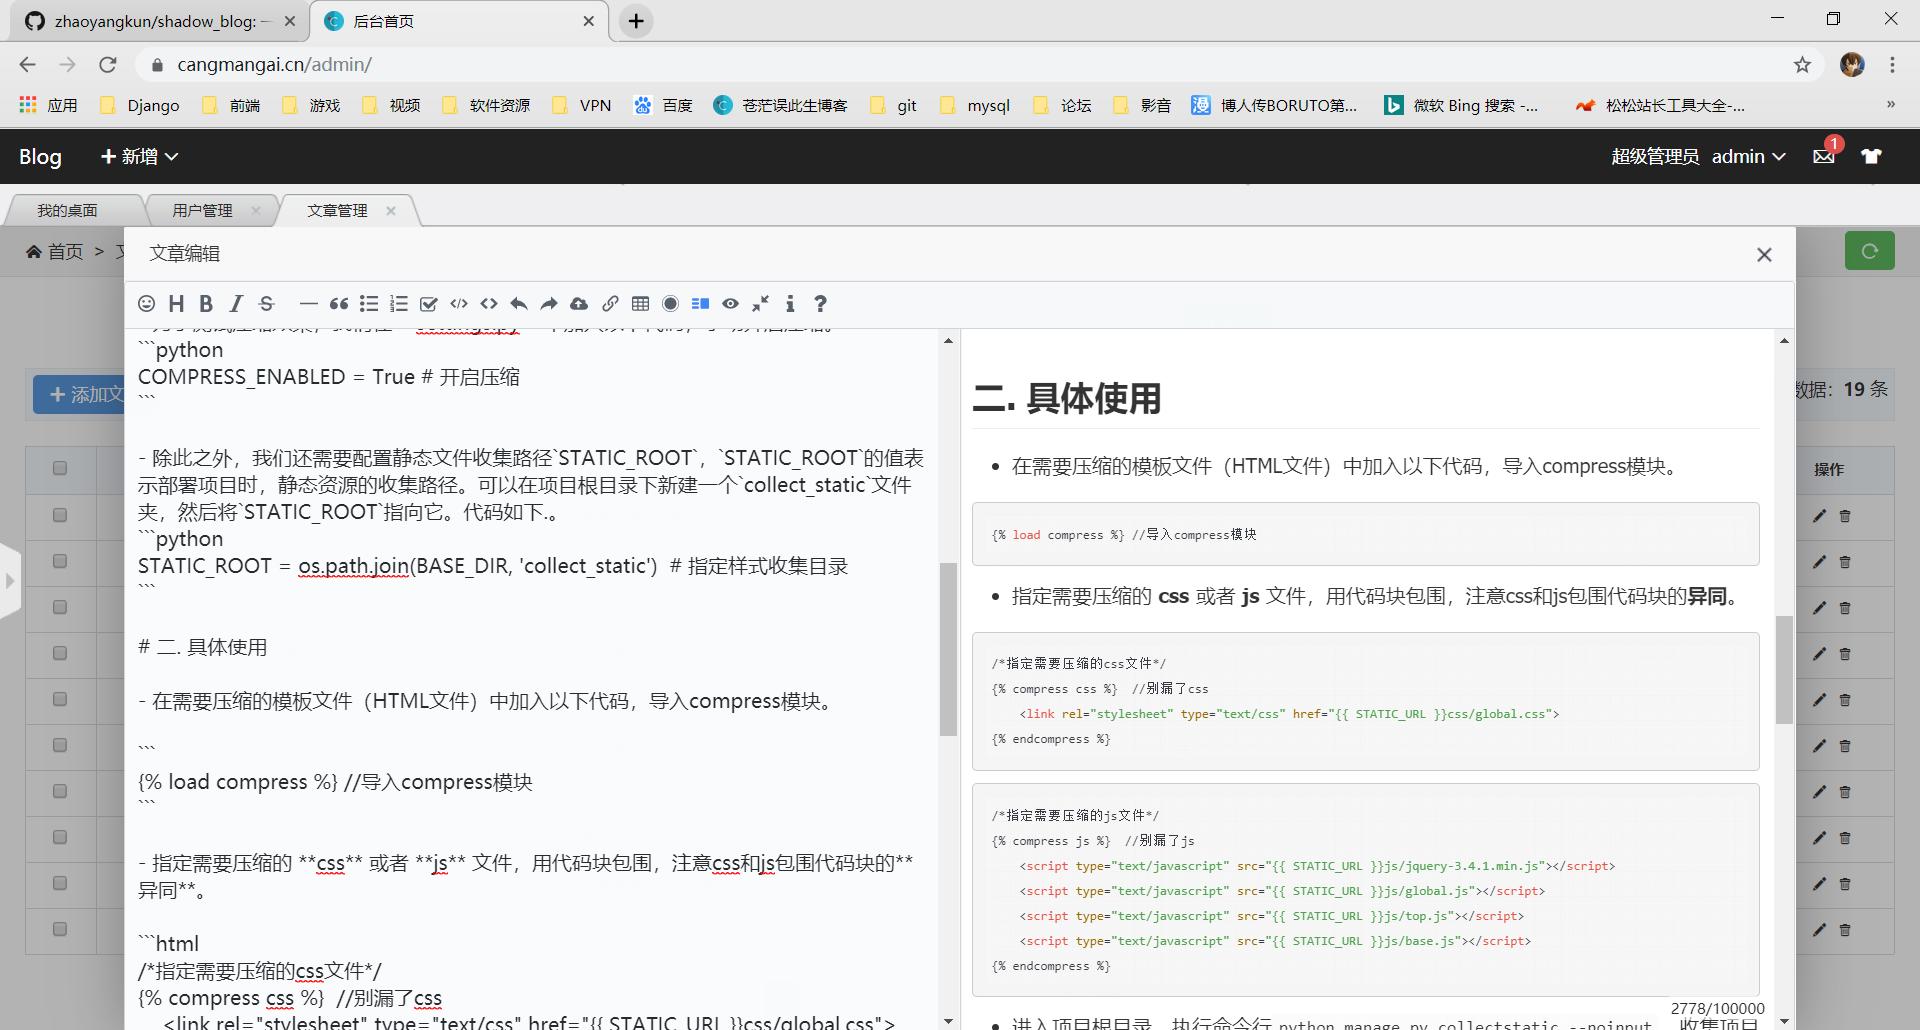 博客-markdown编辑器